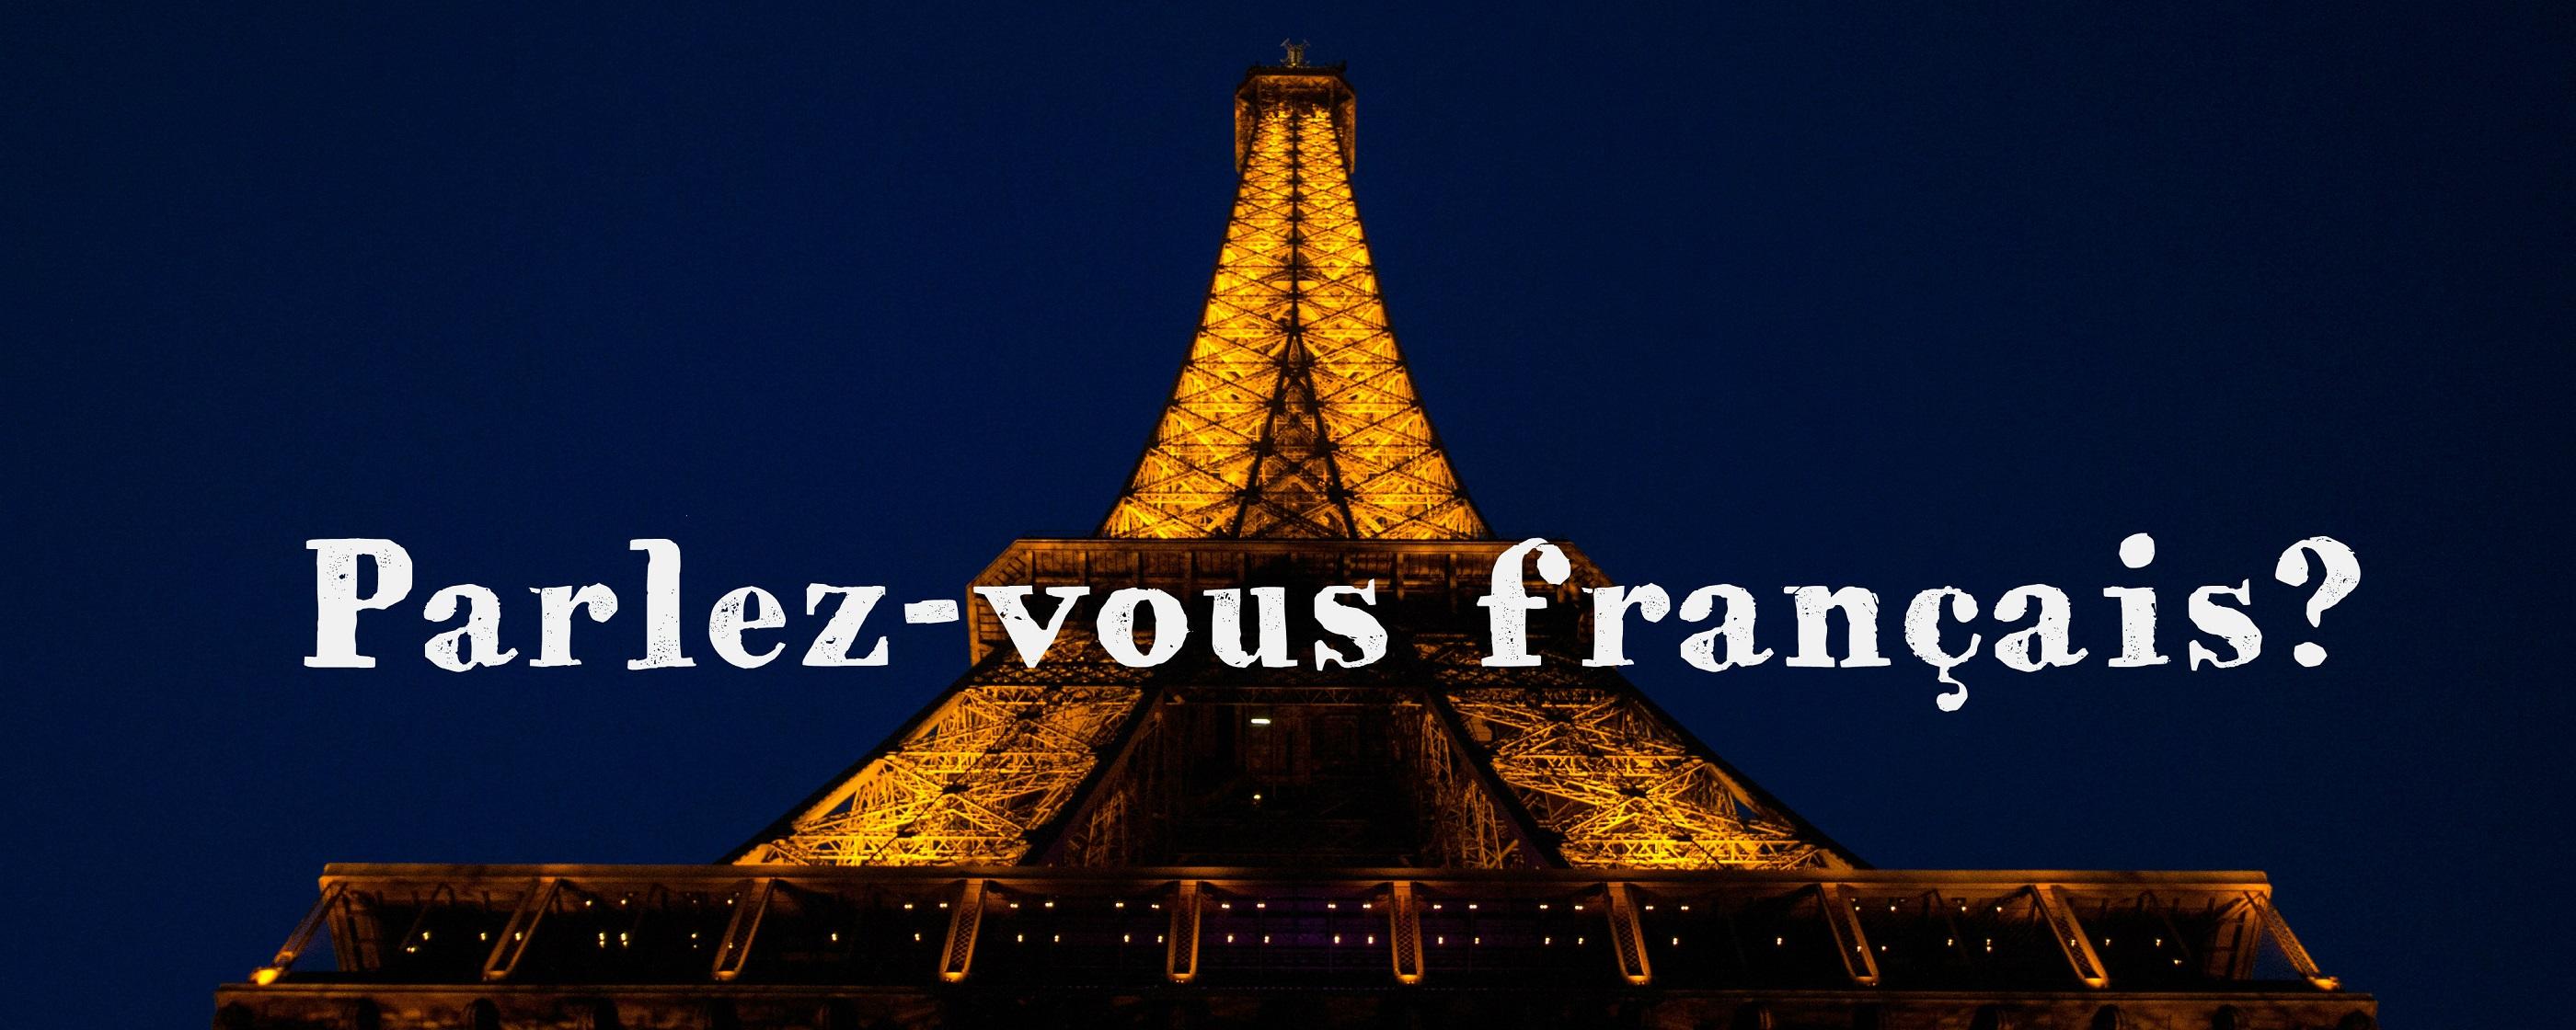 Parlez-vous français? Jauna vakance: Pārdošanas vadītājs ar franču valodas zināšanām